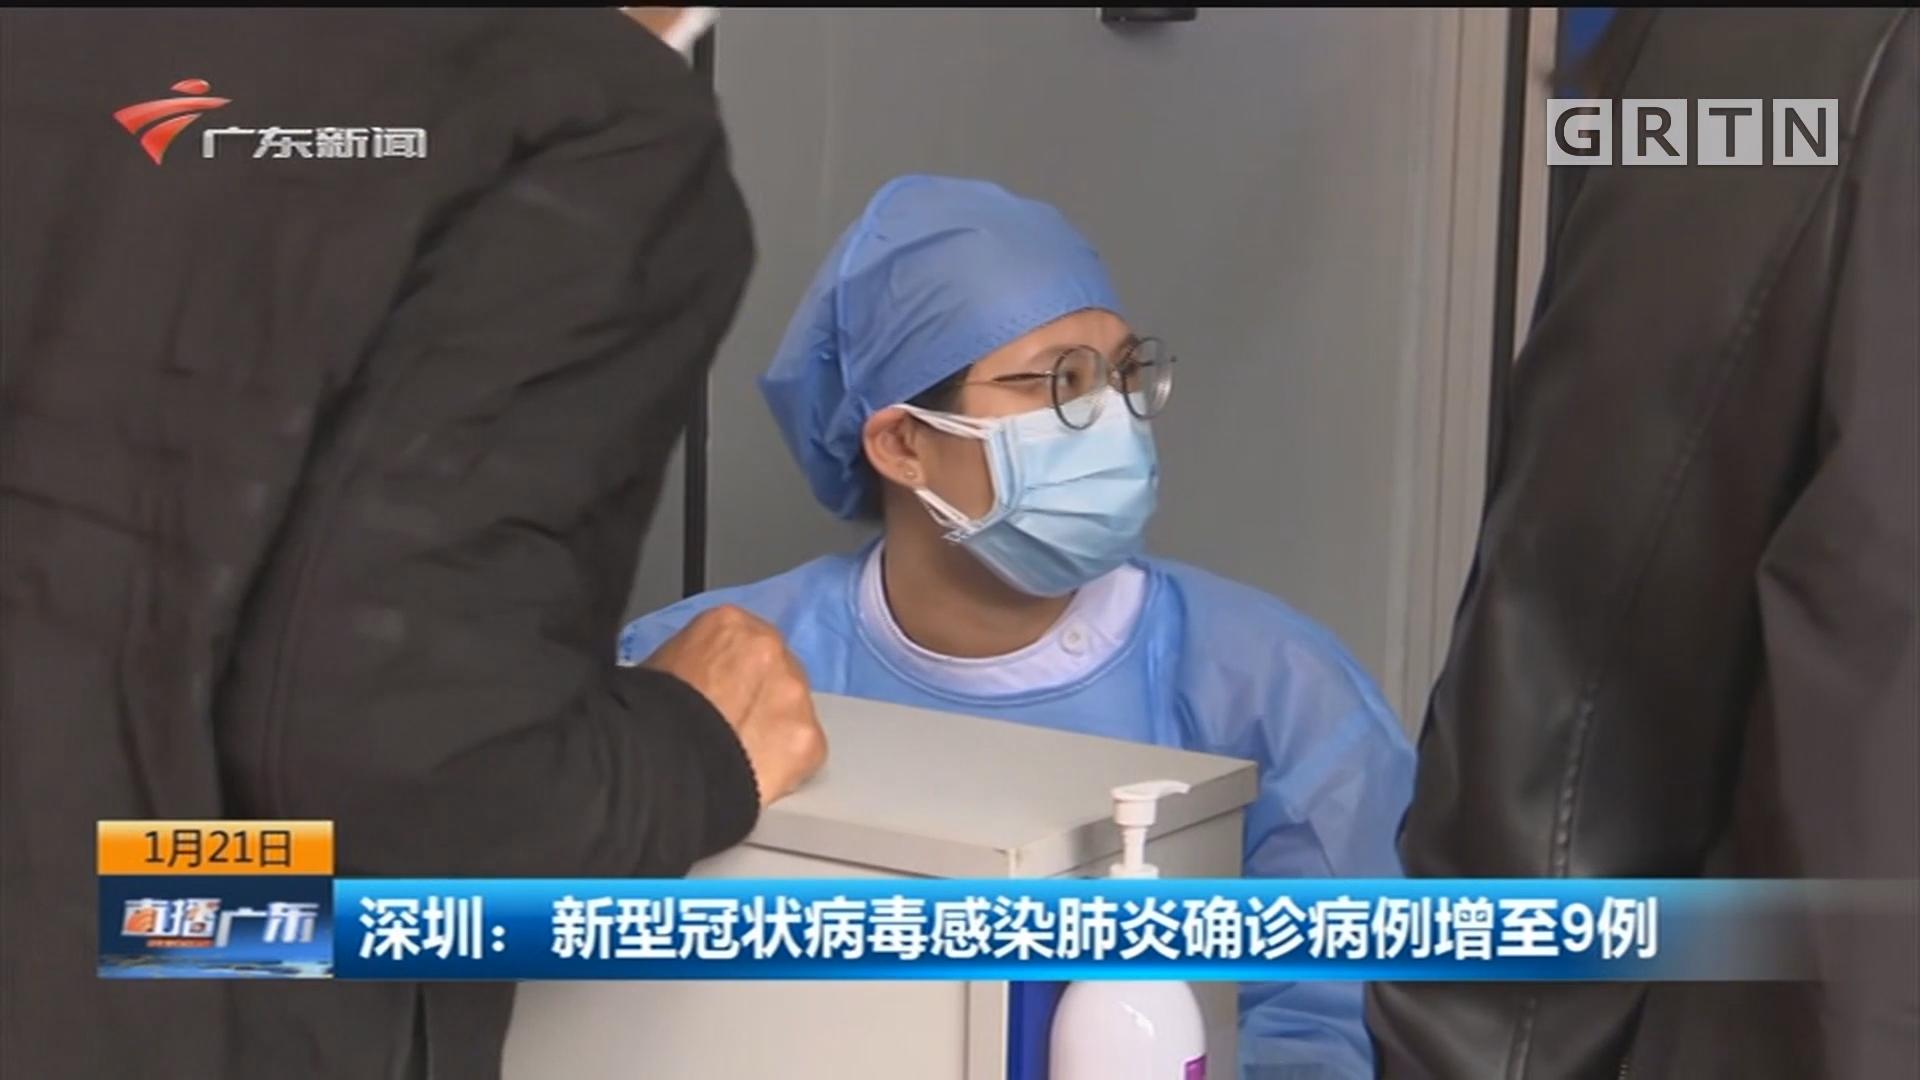 深圳:新型冠状病毒感染肺炎确诊病例增至9例